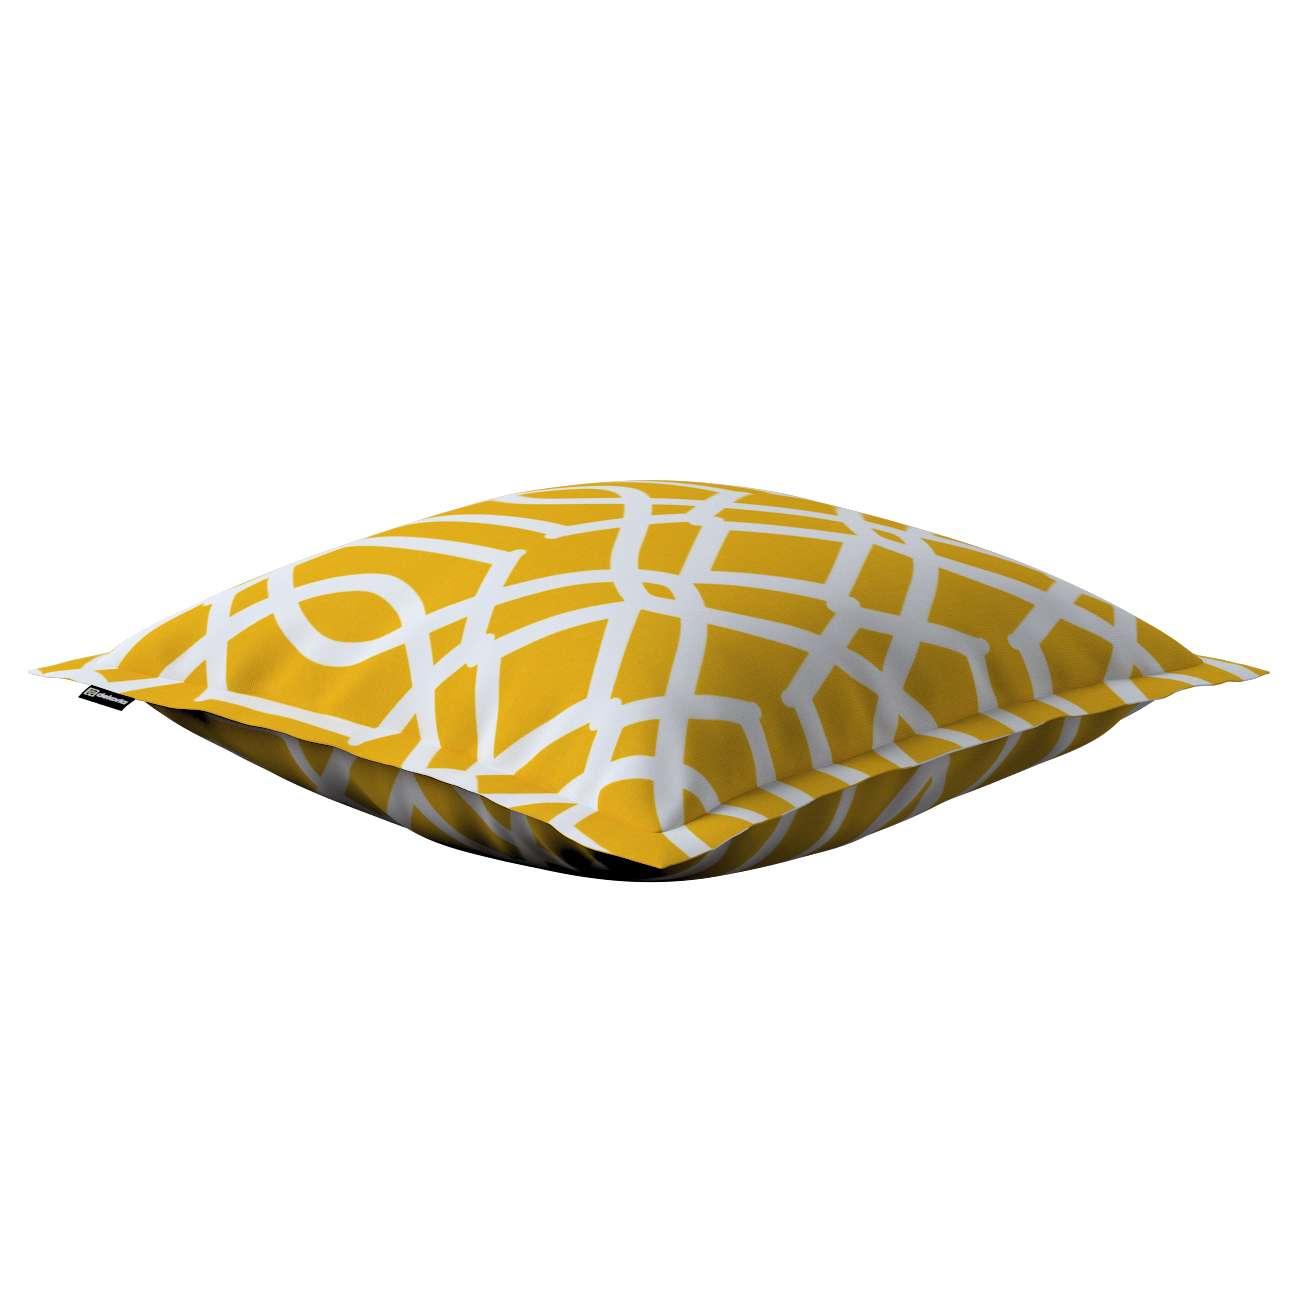 Poszewka Mona na poduszkę 45x45 cm w kolekcji Comics, tkanina: 135-09